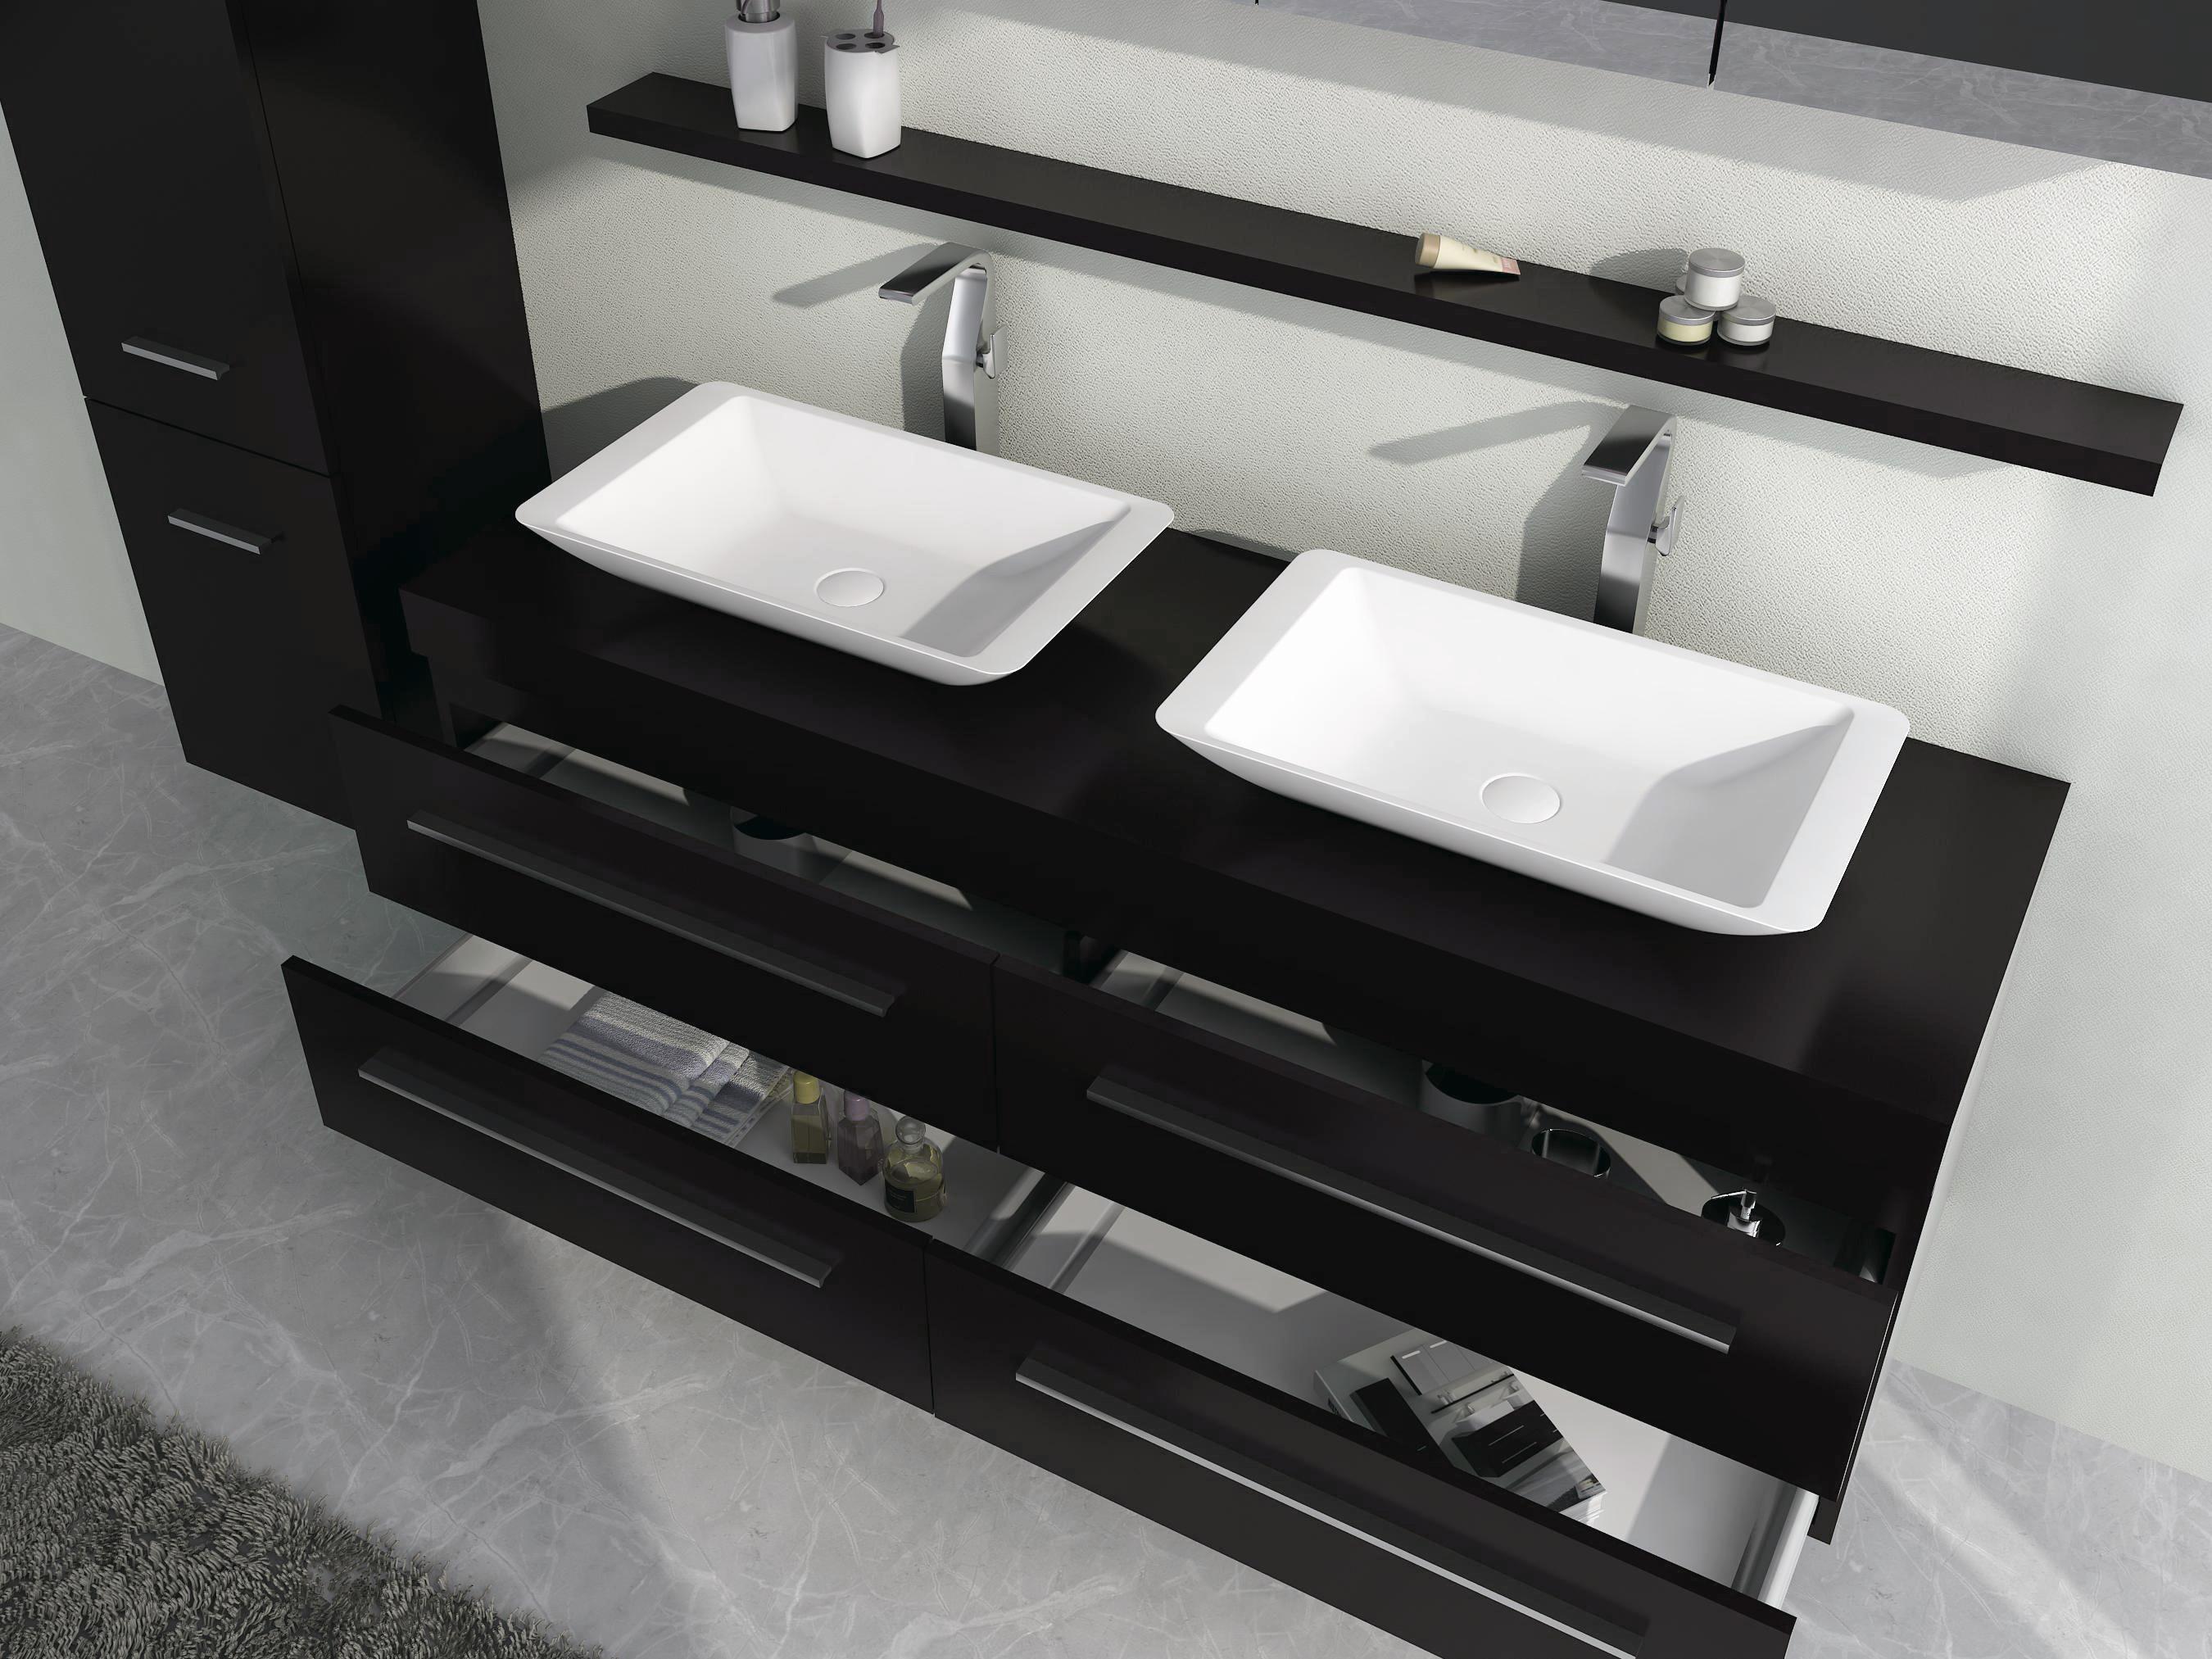 Waschbeckenunterschrank Icon : Unterschrank waschbecken ... | {Waschbeckenunterschrank aufsatzwaschbecken 27}